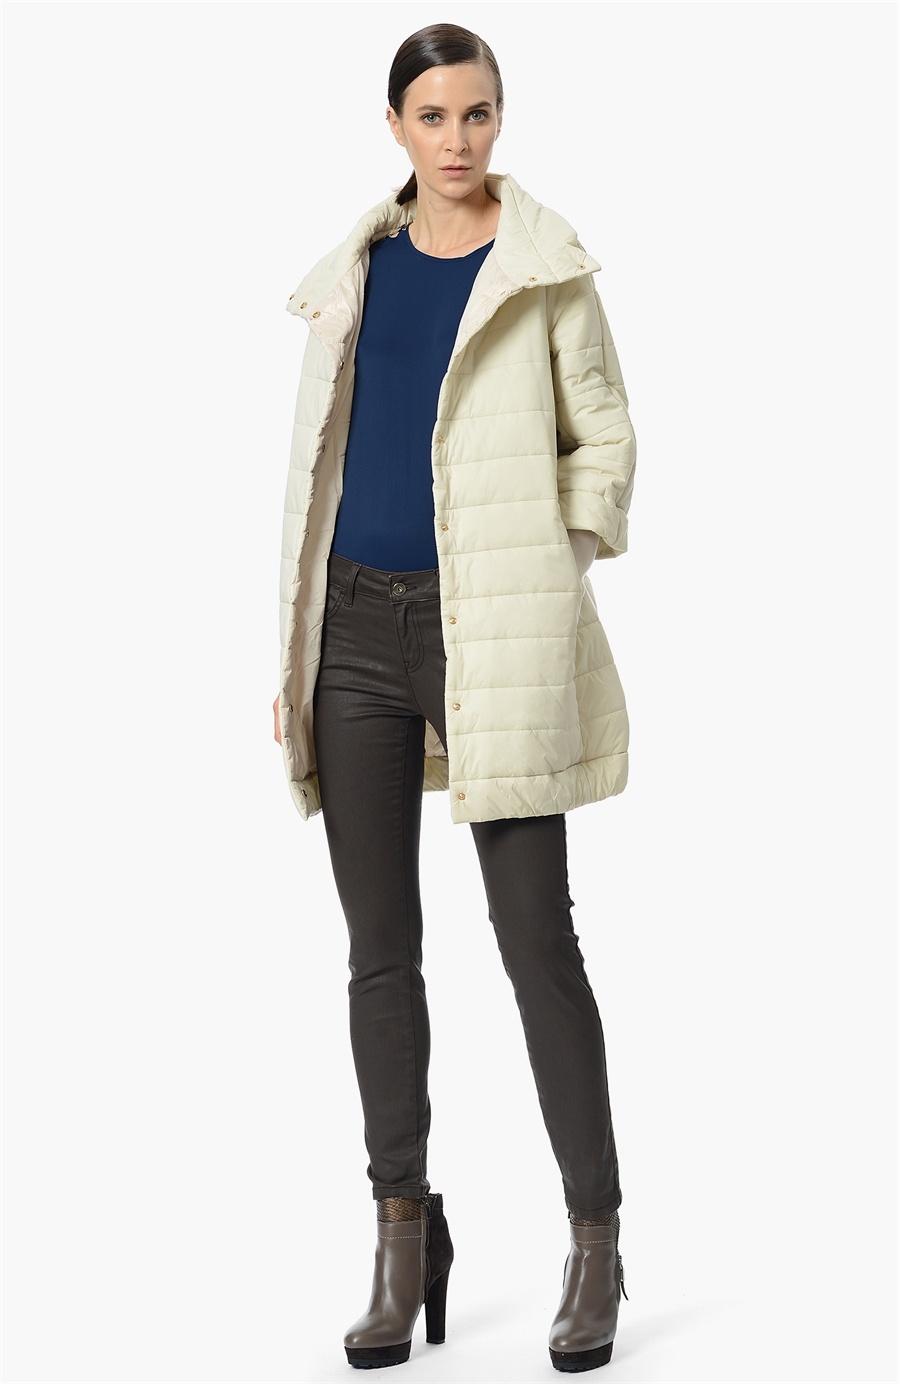 Kış için Renkli Palto ve Kaban Modelleri 2019